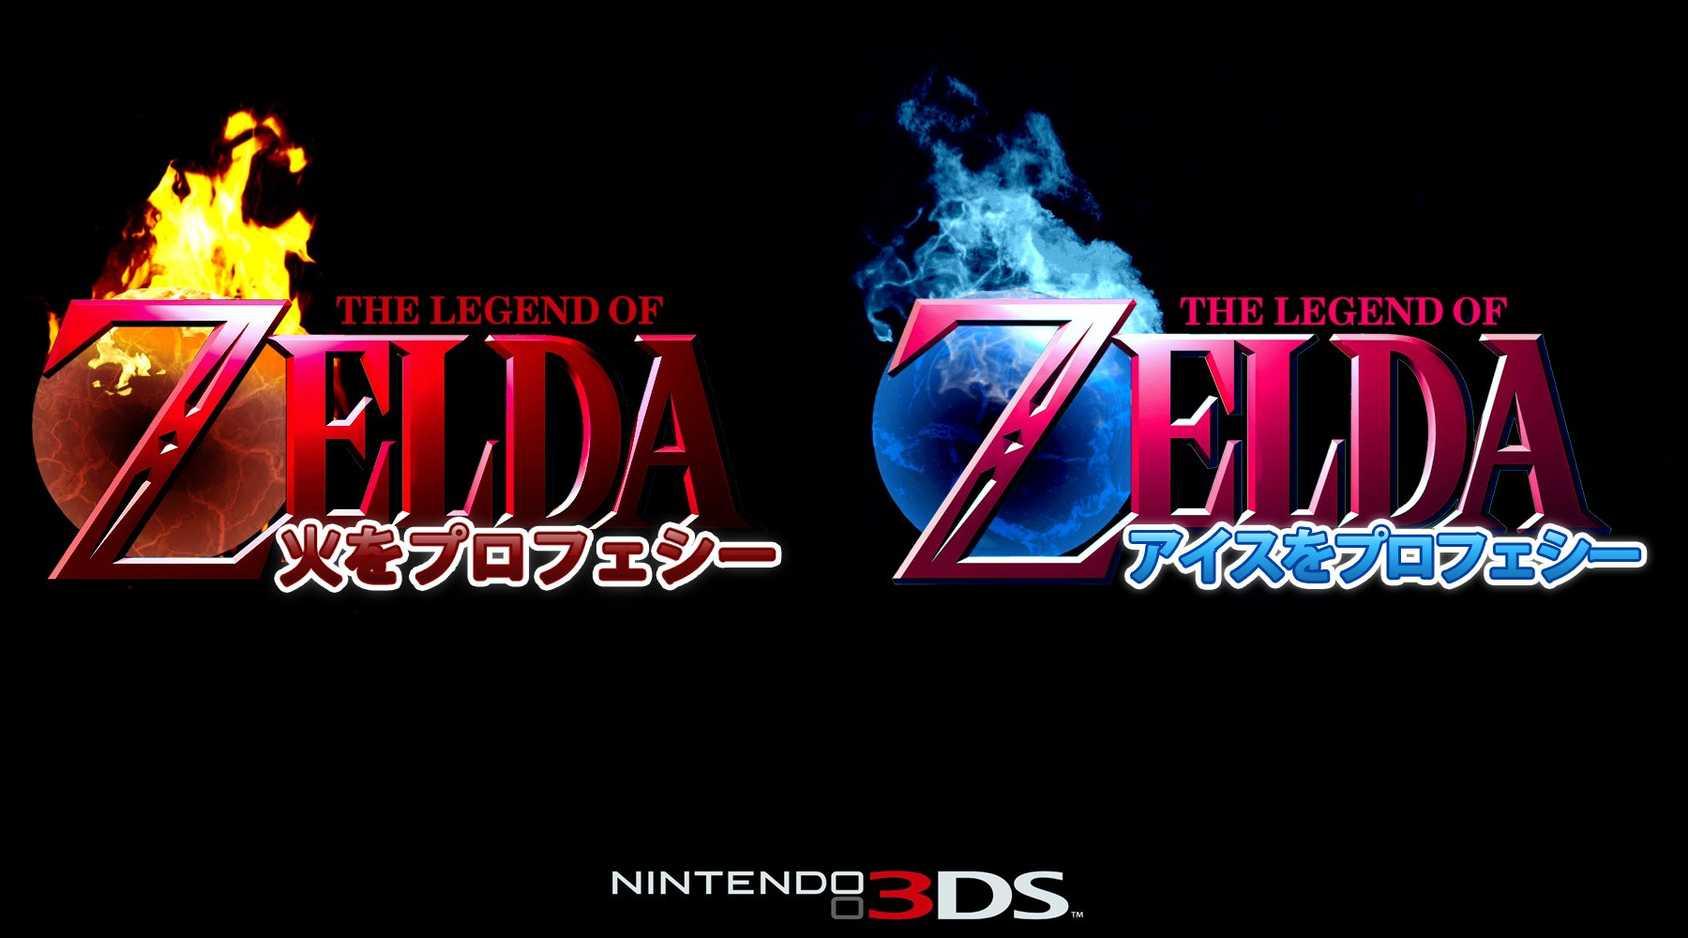 Två nya Zeldaspel till 3DS?